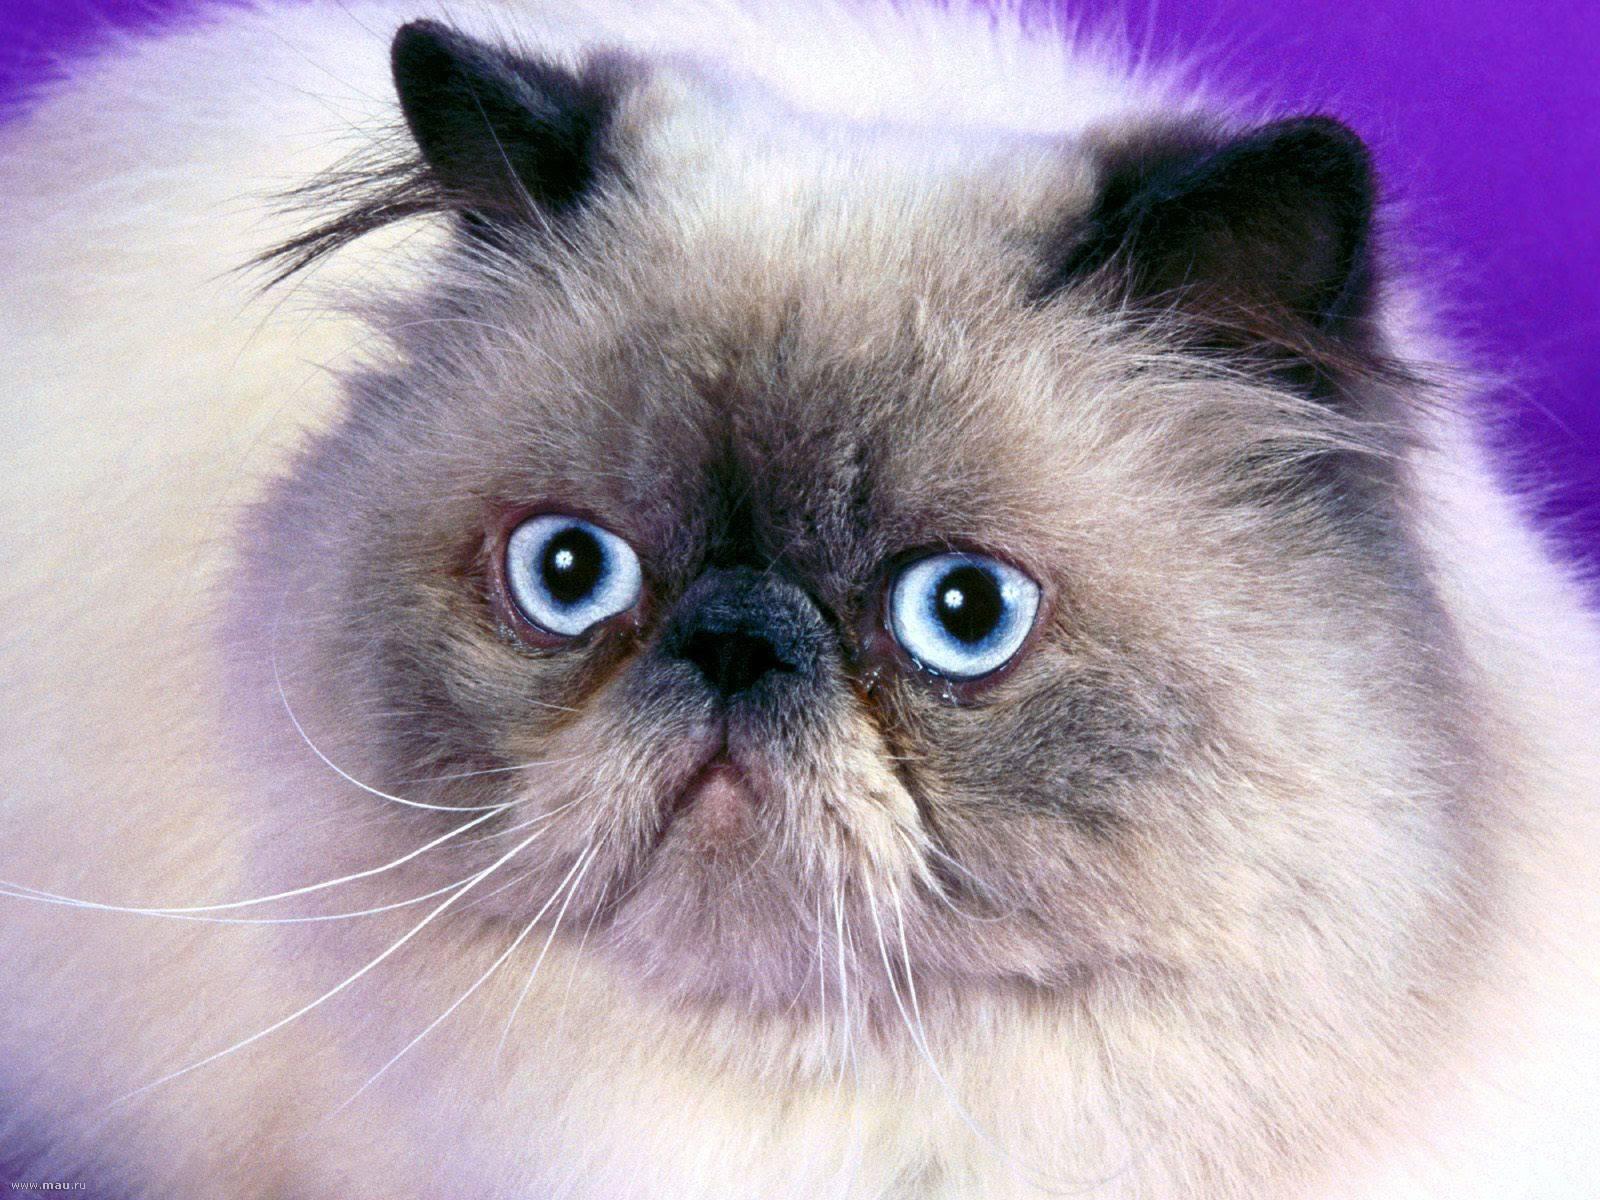 Гималайская кошка: описание породы колор-пойнт